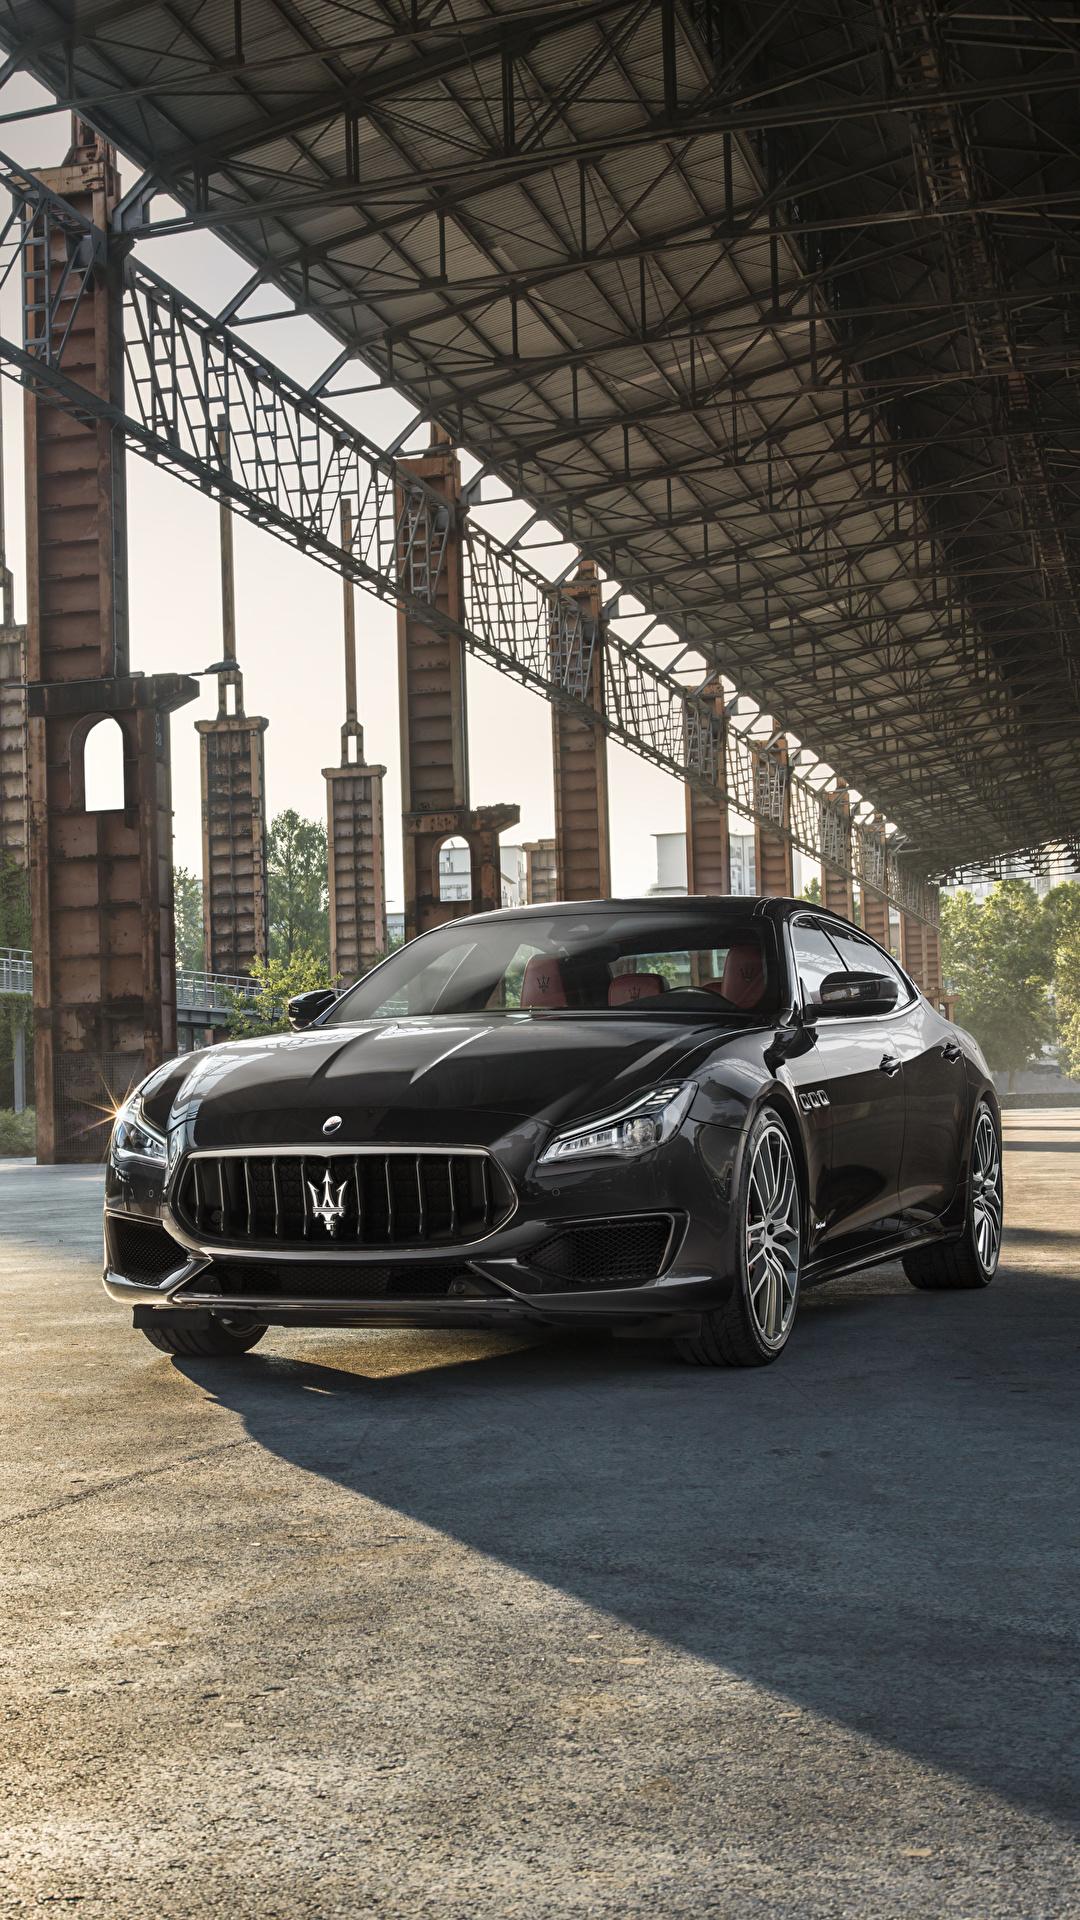 Фотографии Maserati 2017 Quattroporte GTS GranSport серая авто Металлик 1080x1920 Мазерати серые Серый машина машины автомобиль Автомобили